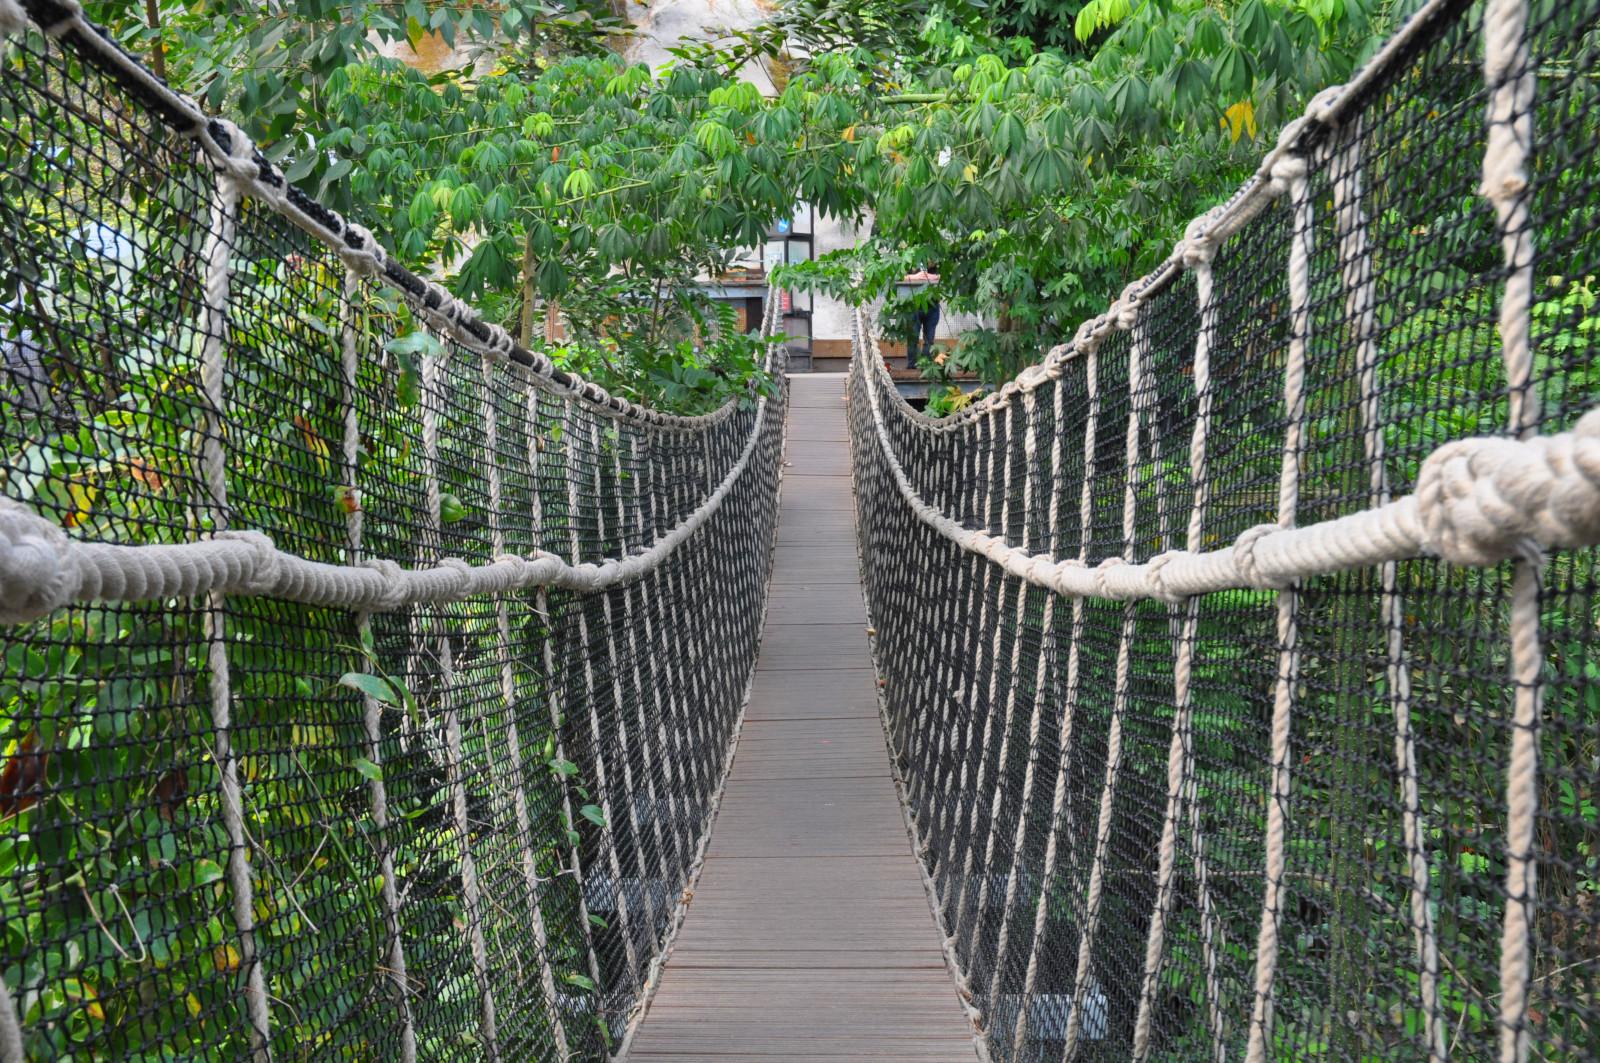 KF2 Off Camera - A safe rope bridge - Ma